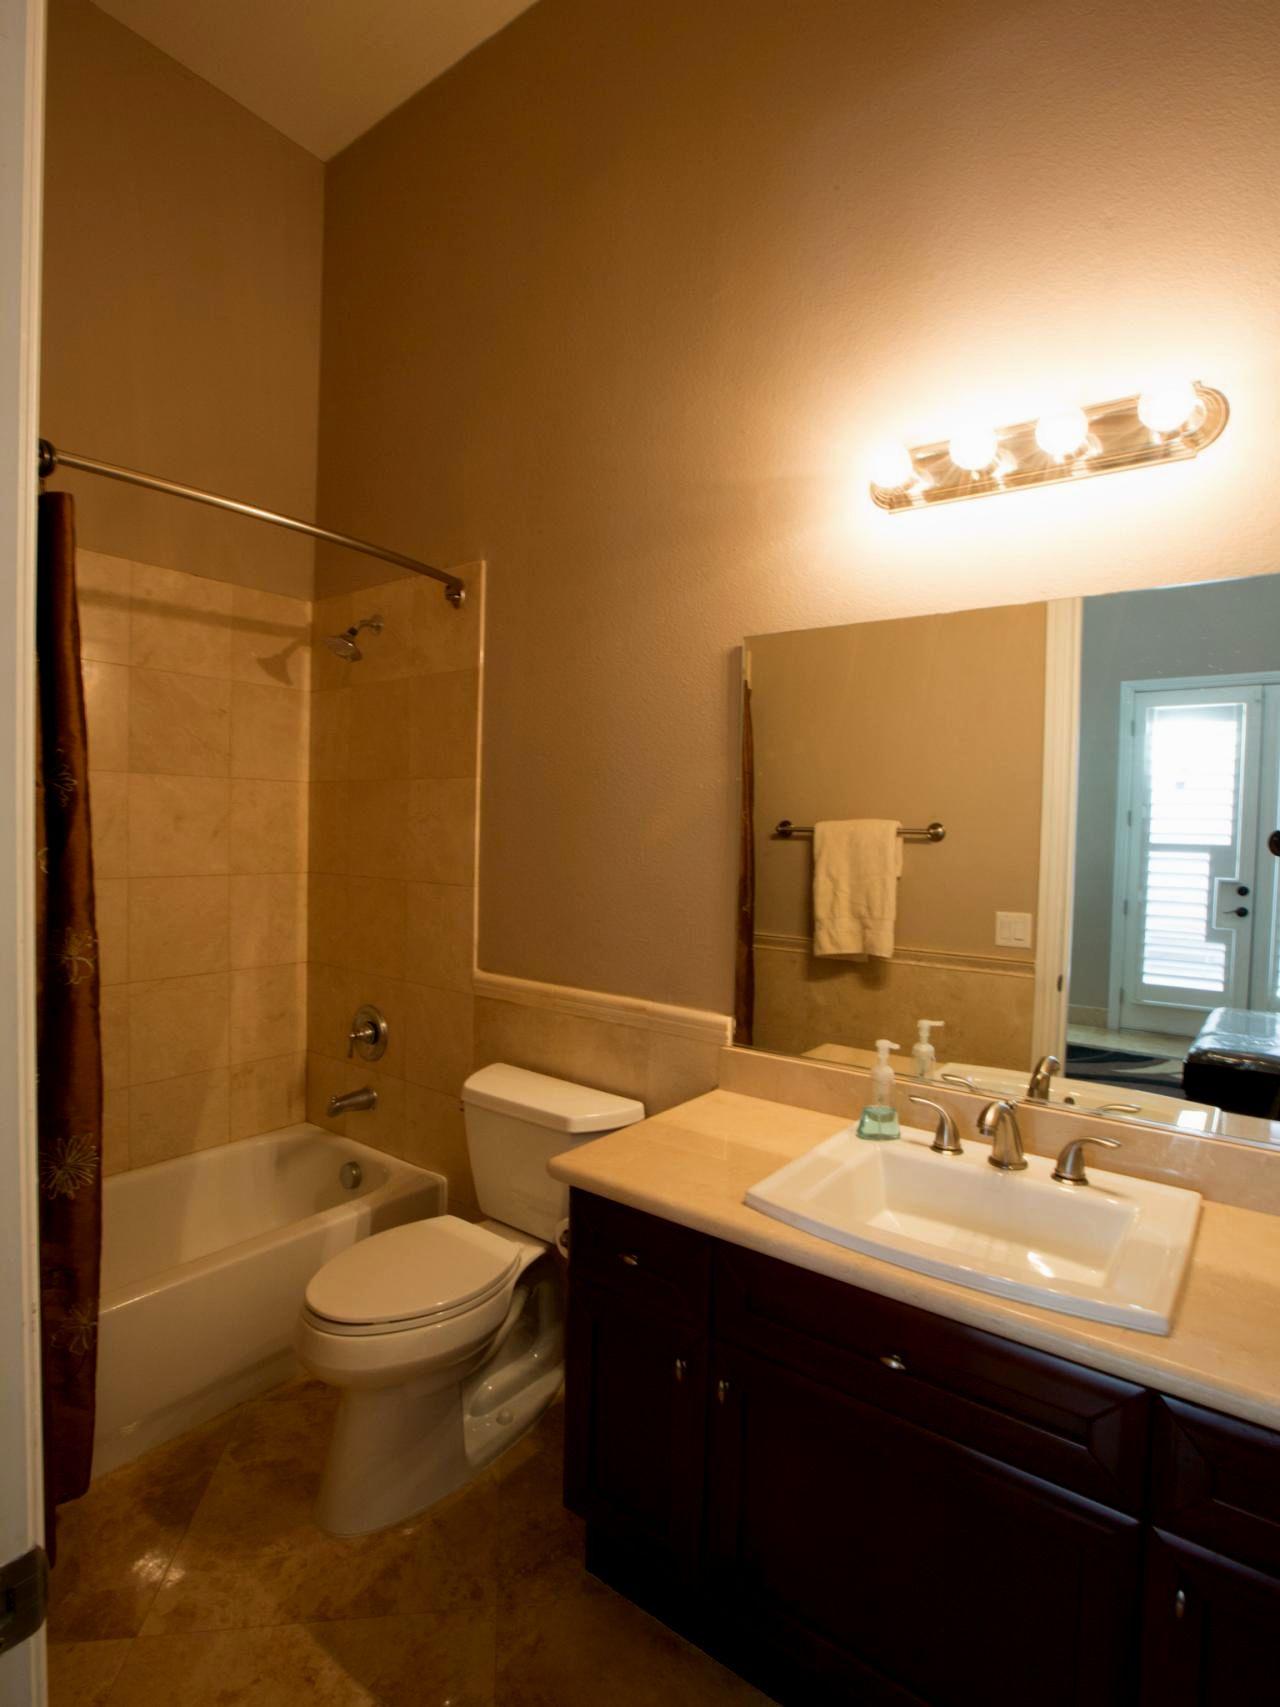 sensational sliding bathroom door concept-Best Of Sliding Bathroom Door Portrait